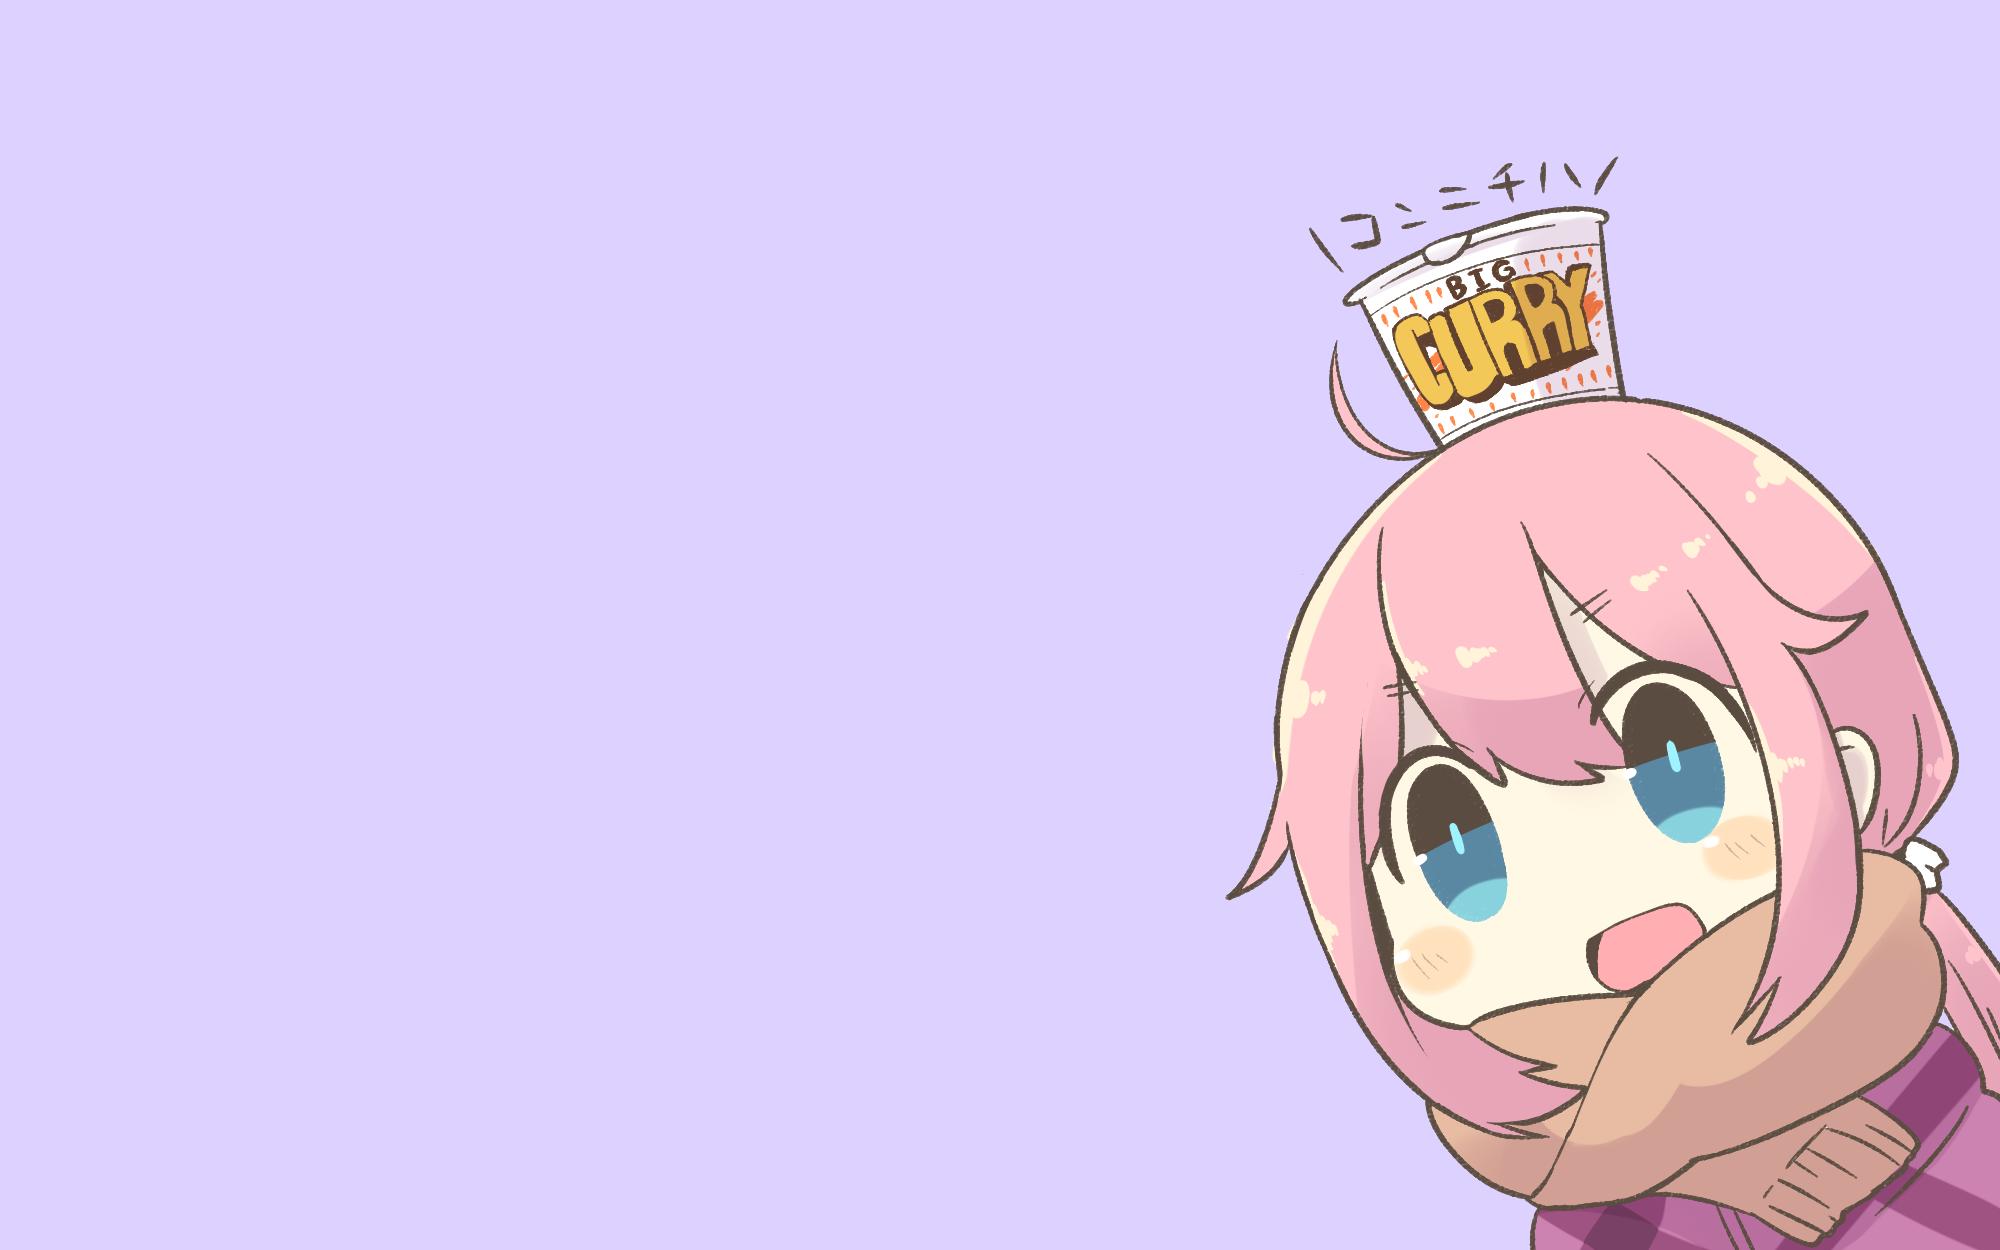 Mobile And Desktop Wallpaper Hd Anime Wallpaper Cute Wallpapers Chibi